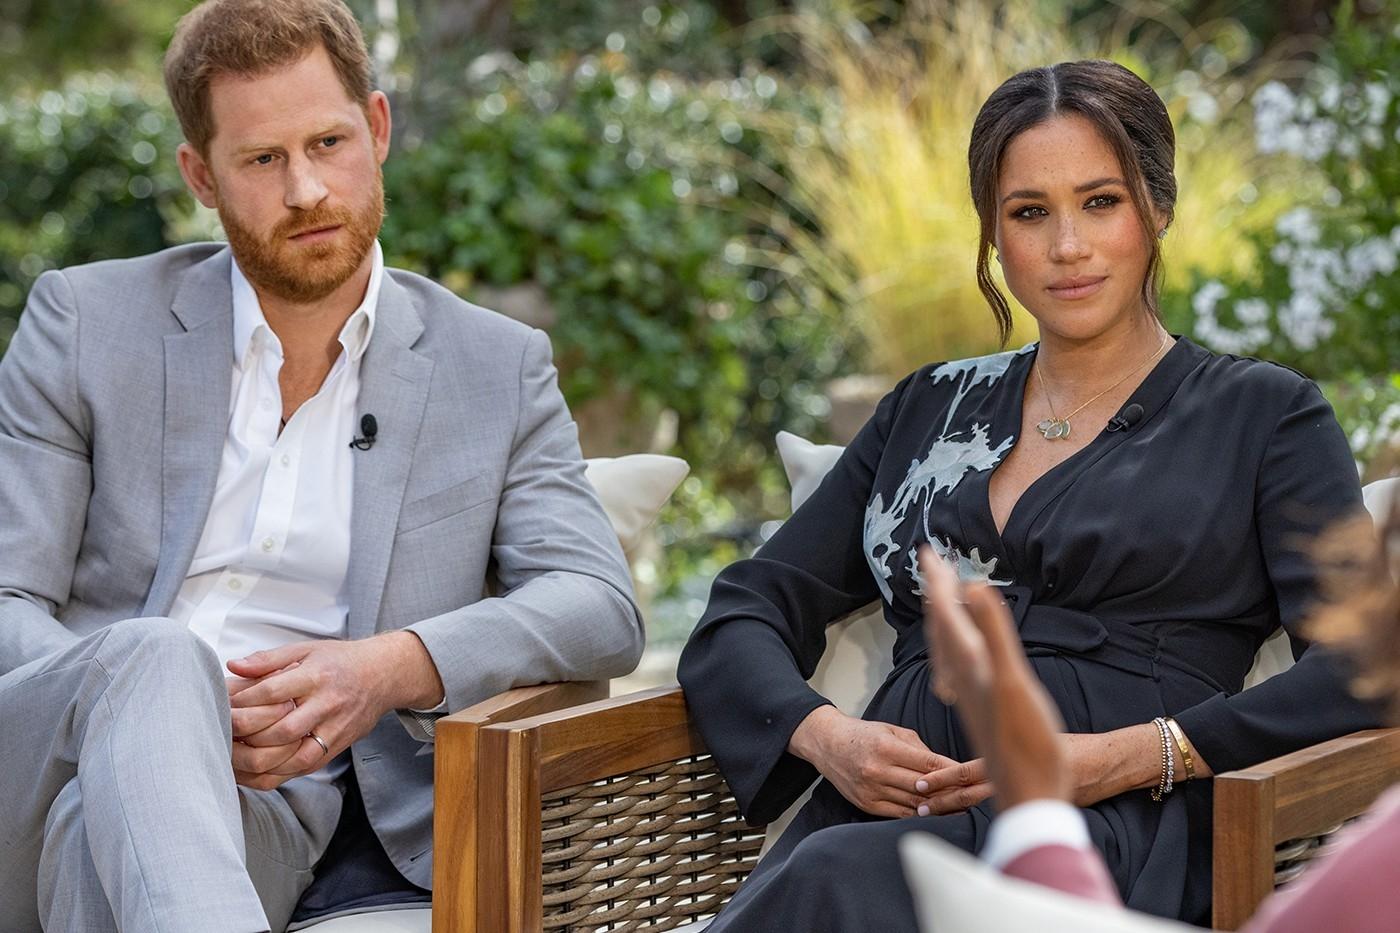 После скандального интервью Меган Маркл: британская королевская семья назначит директора по разнообразию - фото №1